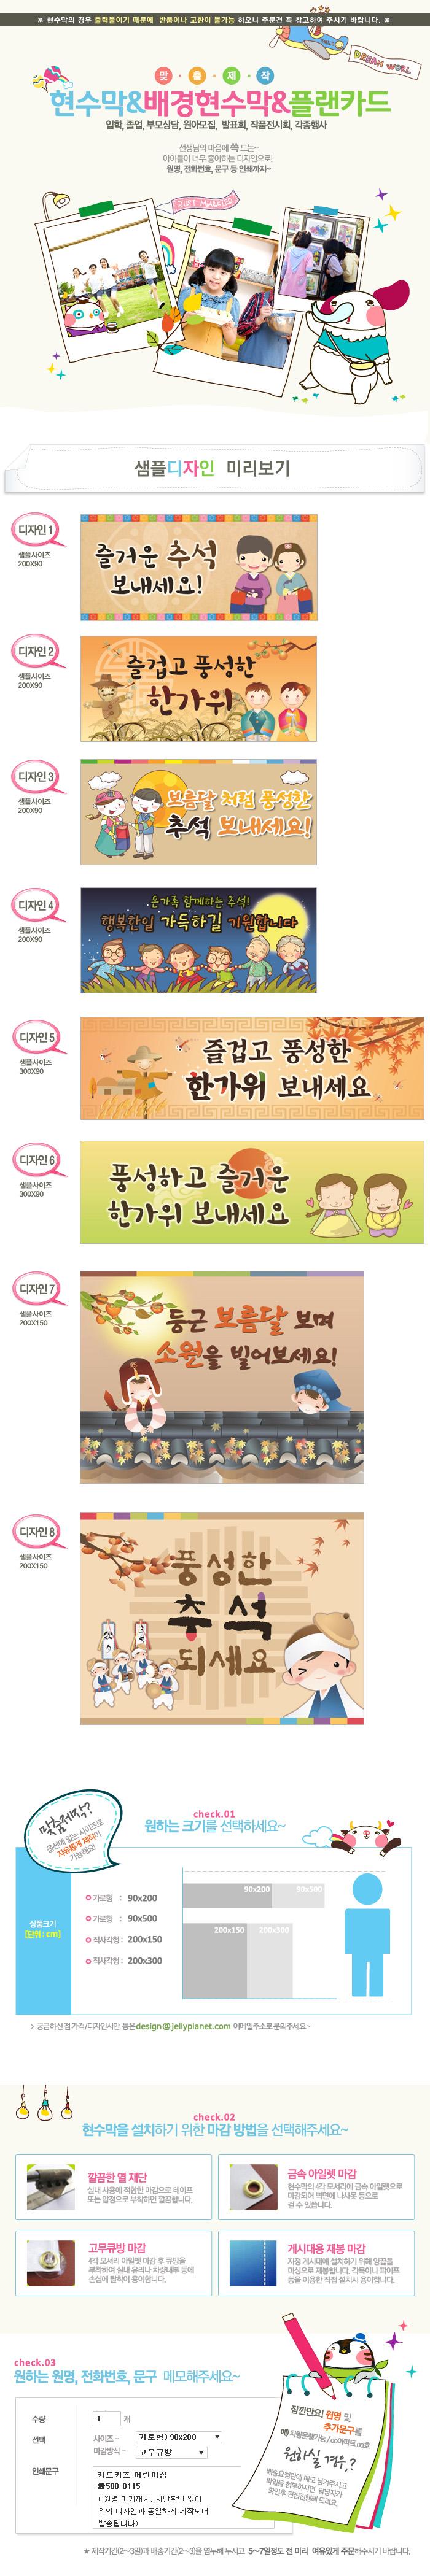 추석현수막